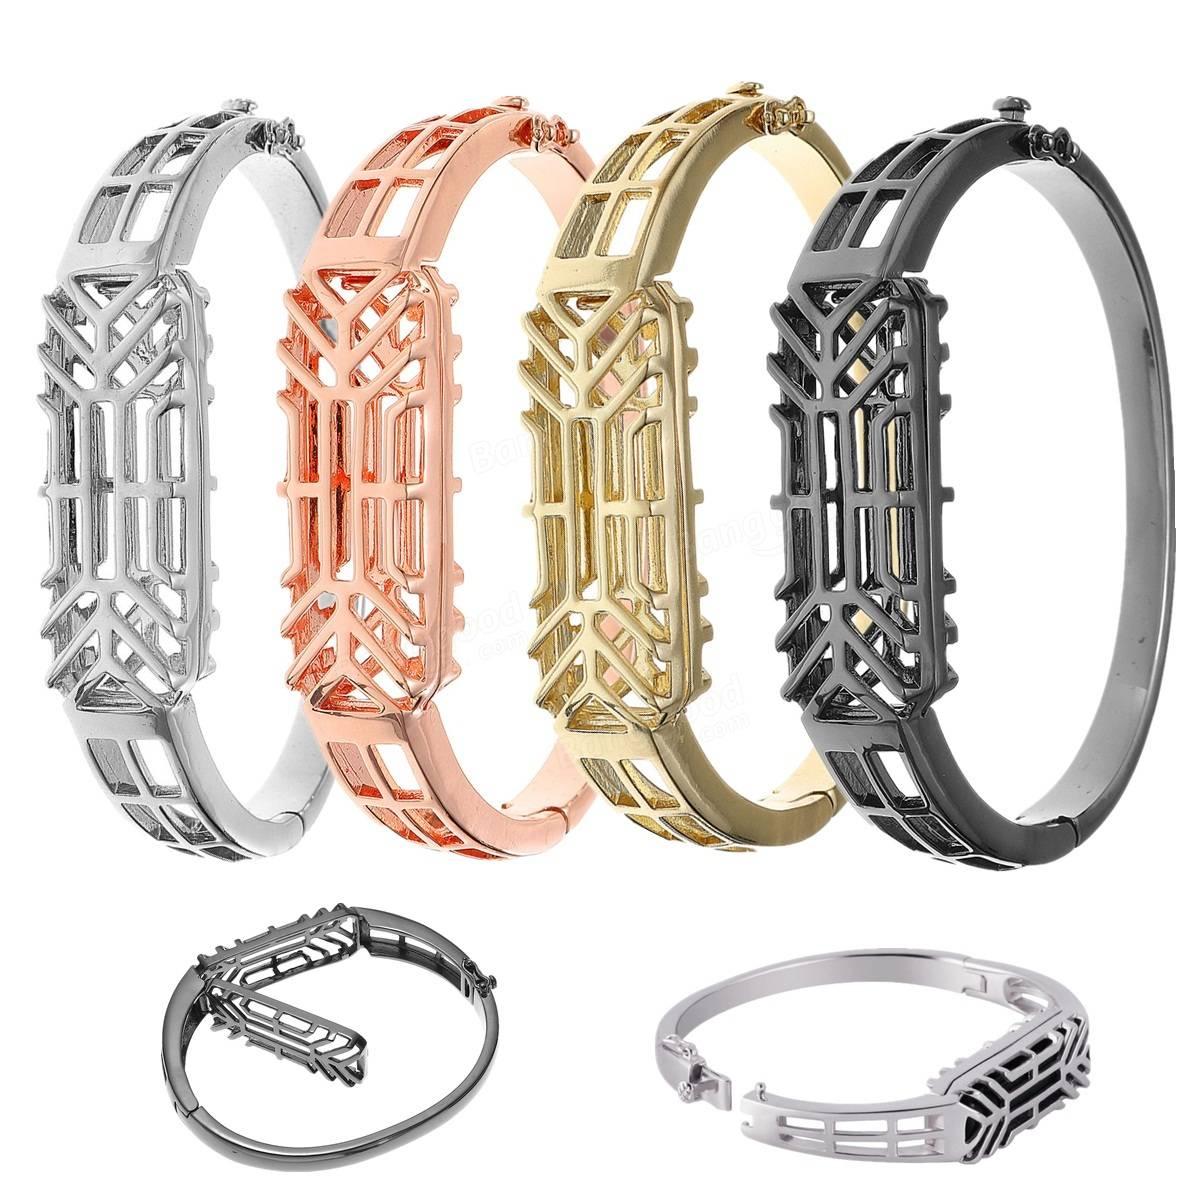 Polso del ricambio del braccialetto del braccialetto del metallo dell'acciaio inossidabile Banda per Fitbit Flex 2